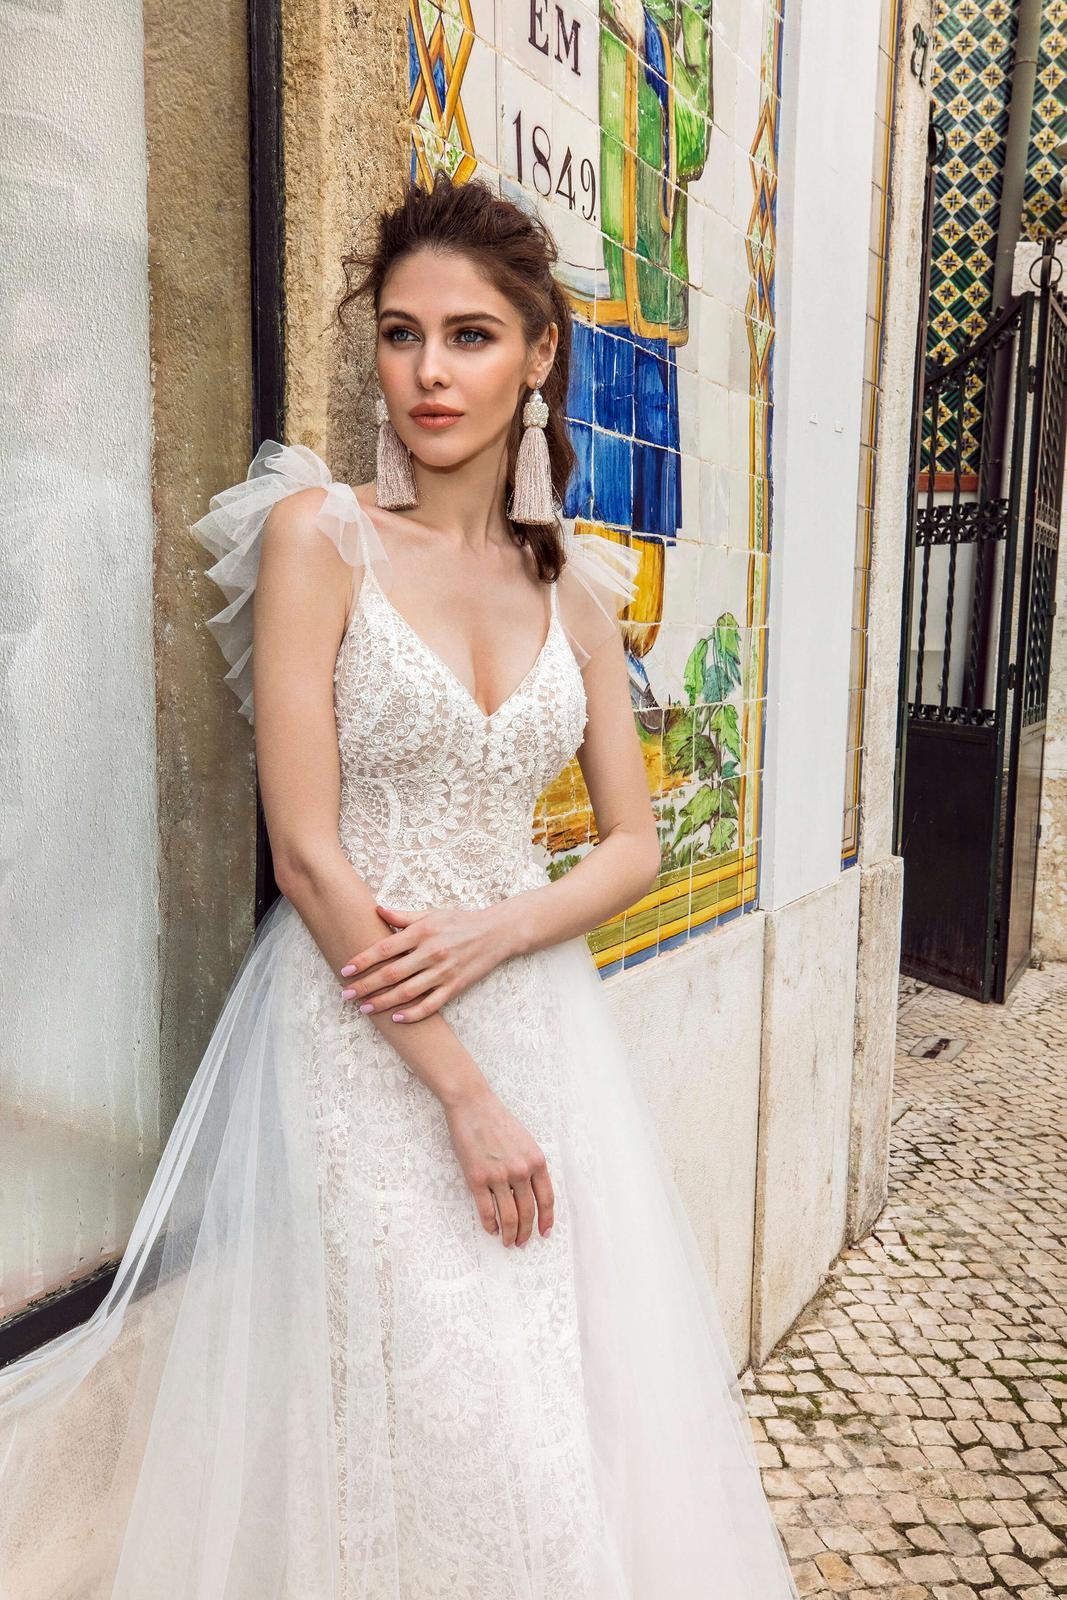 Innocentia Divina 2019 * Svadobné šaty z kolekcií na rok 2019 - Obrázok č. 13